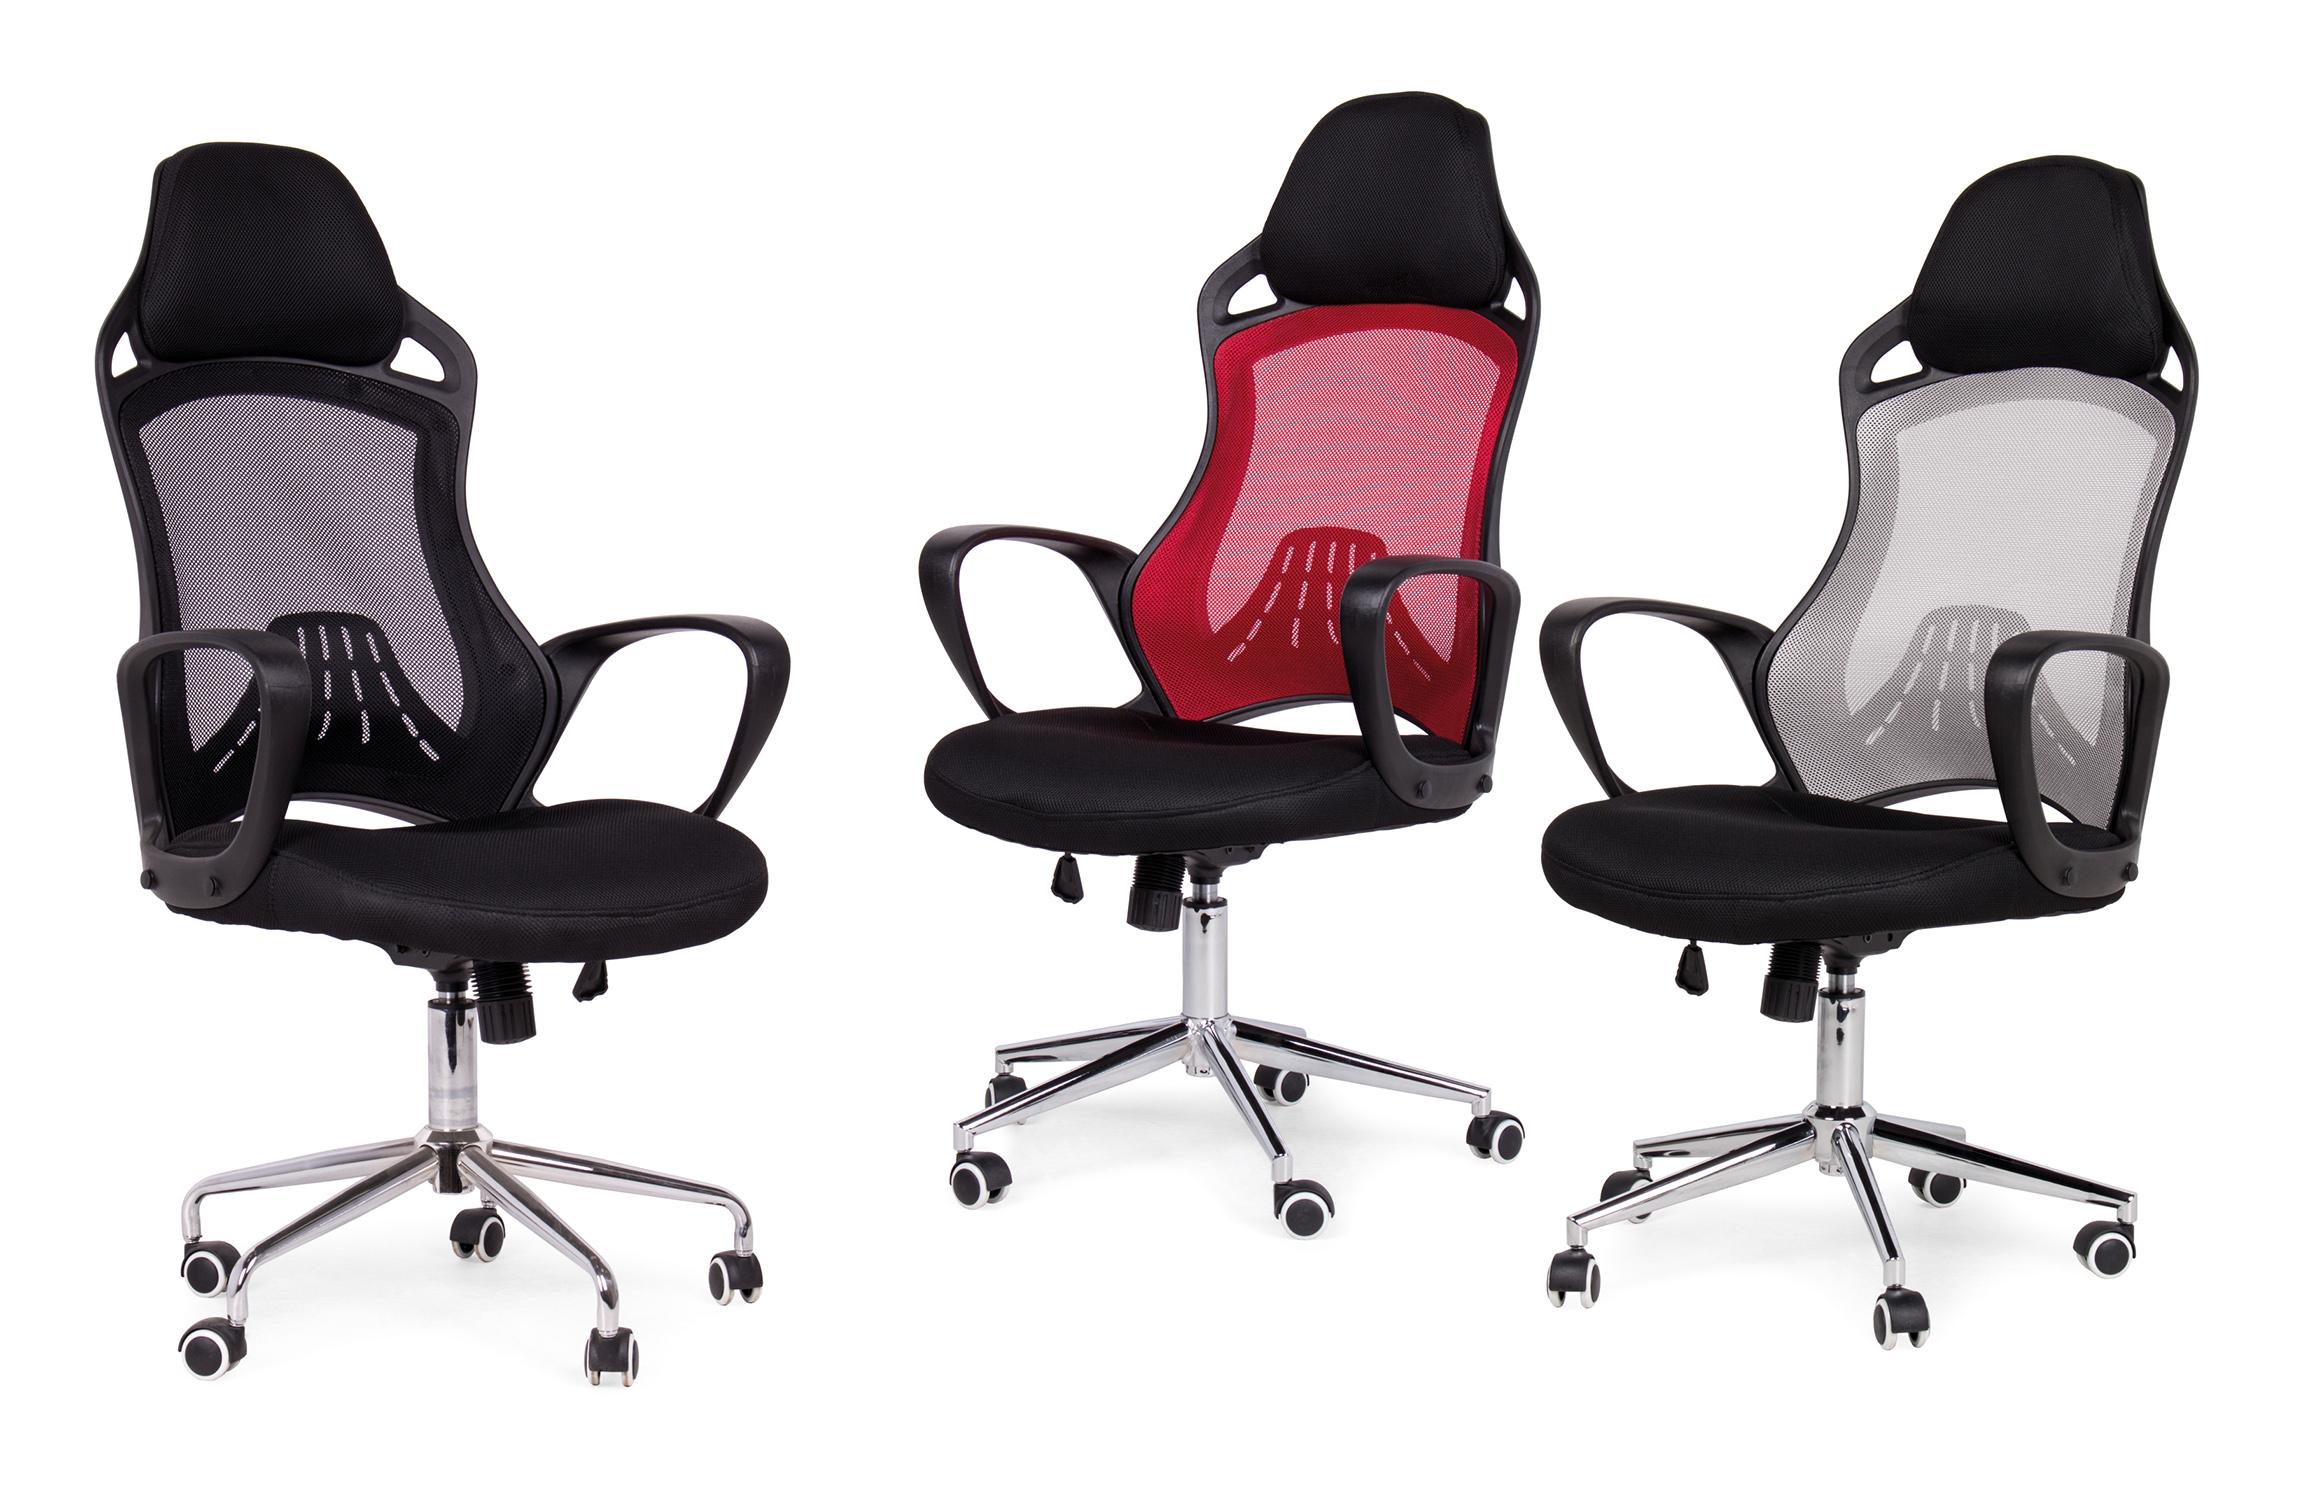 Beri szék